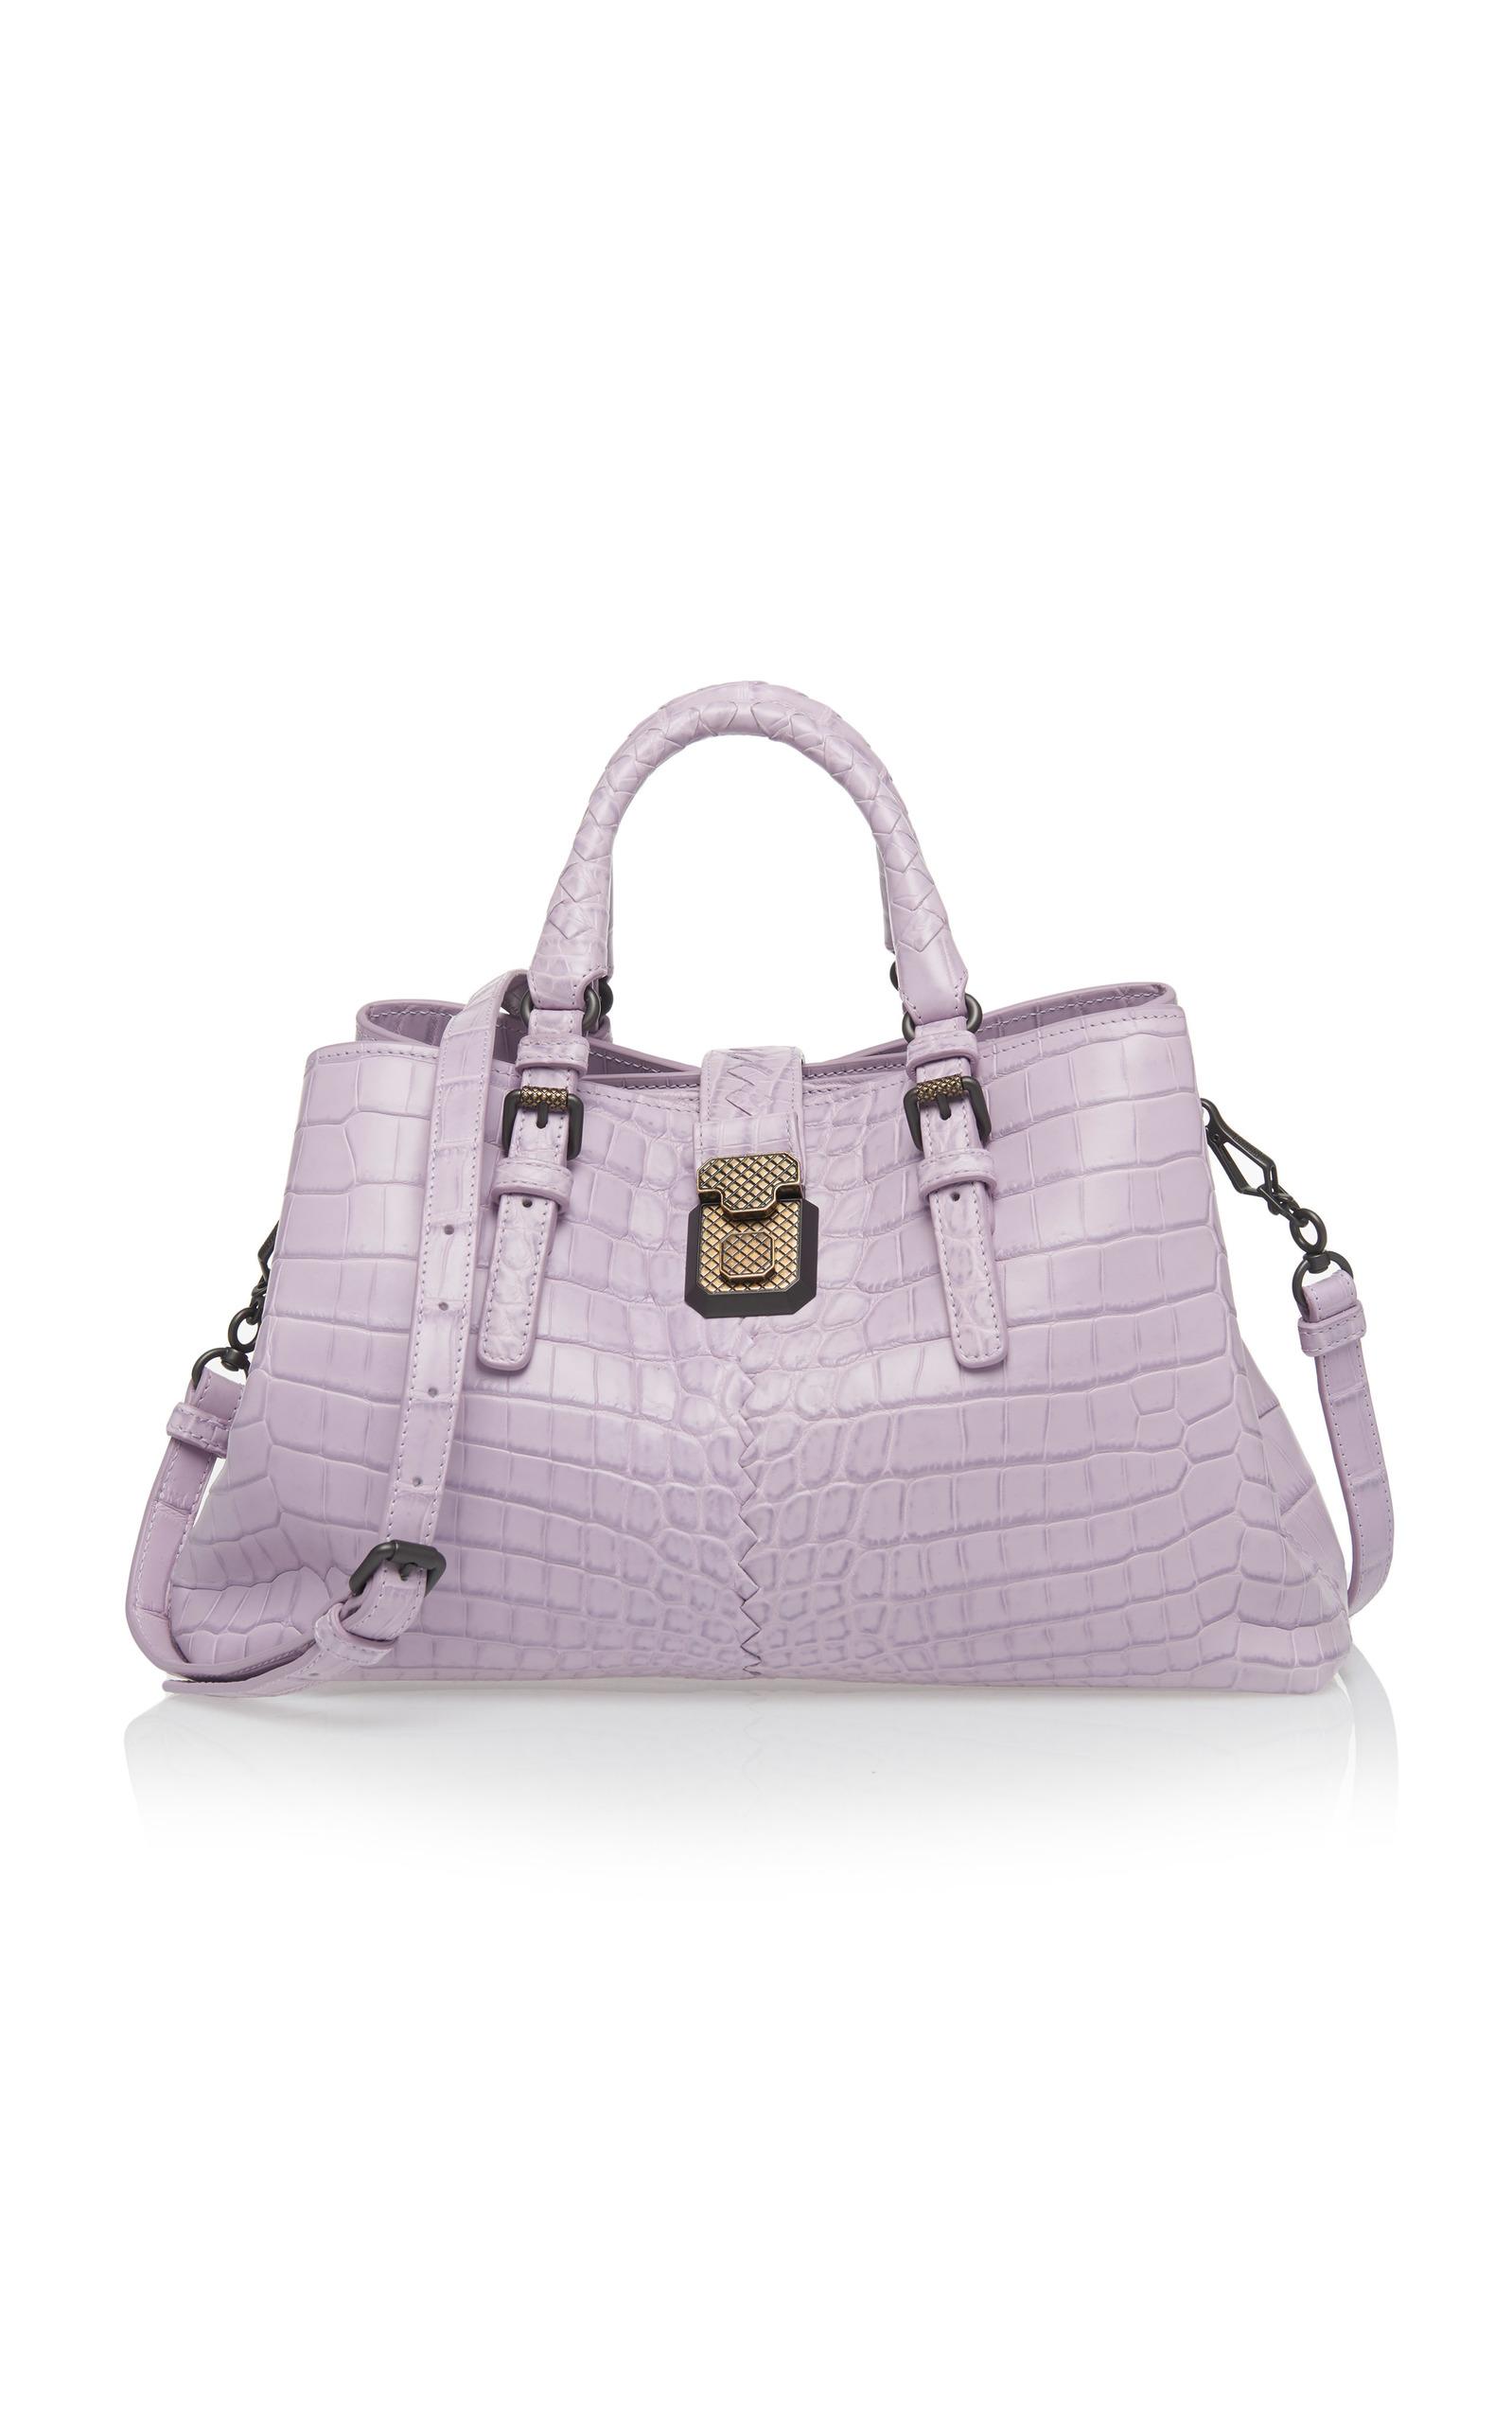 34db59e2337d Bottega Veneta Small Roma Tote In Purple